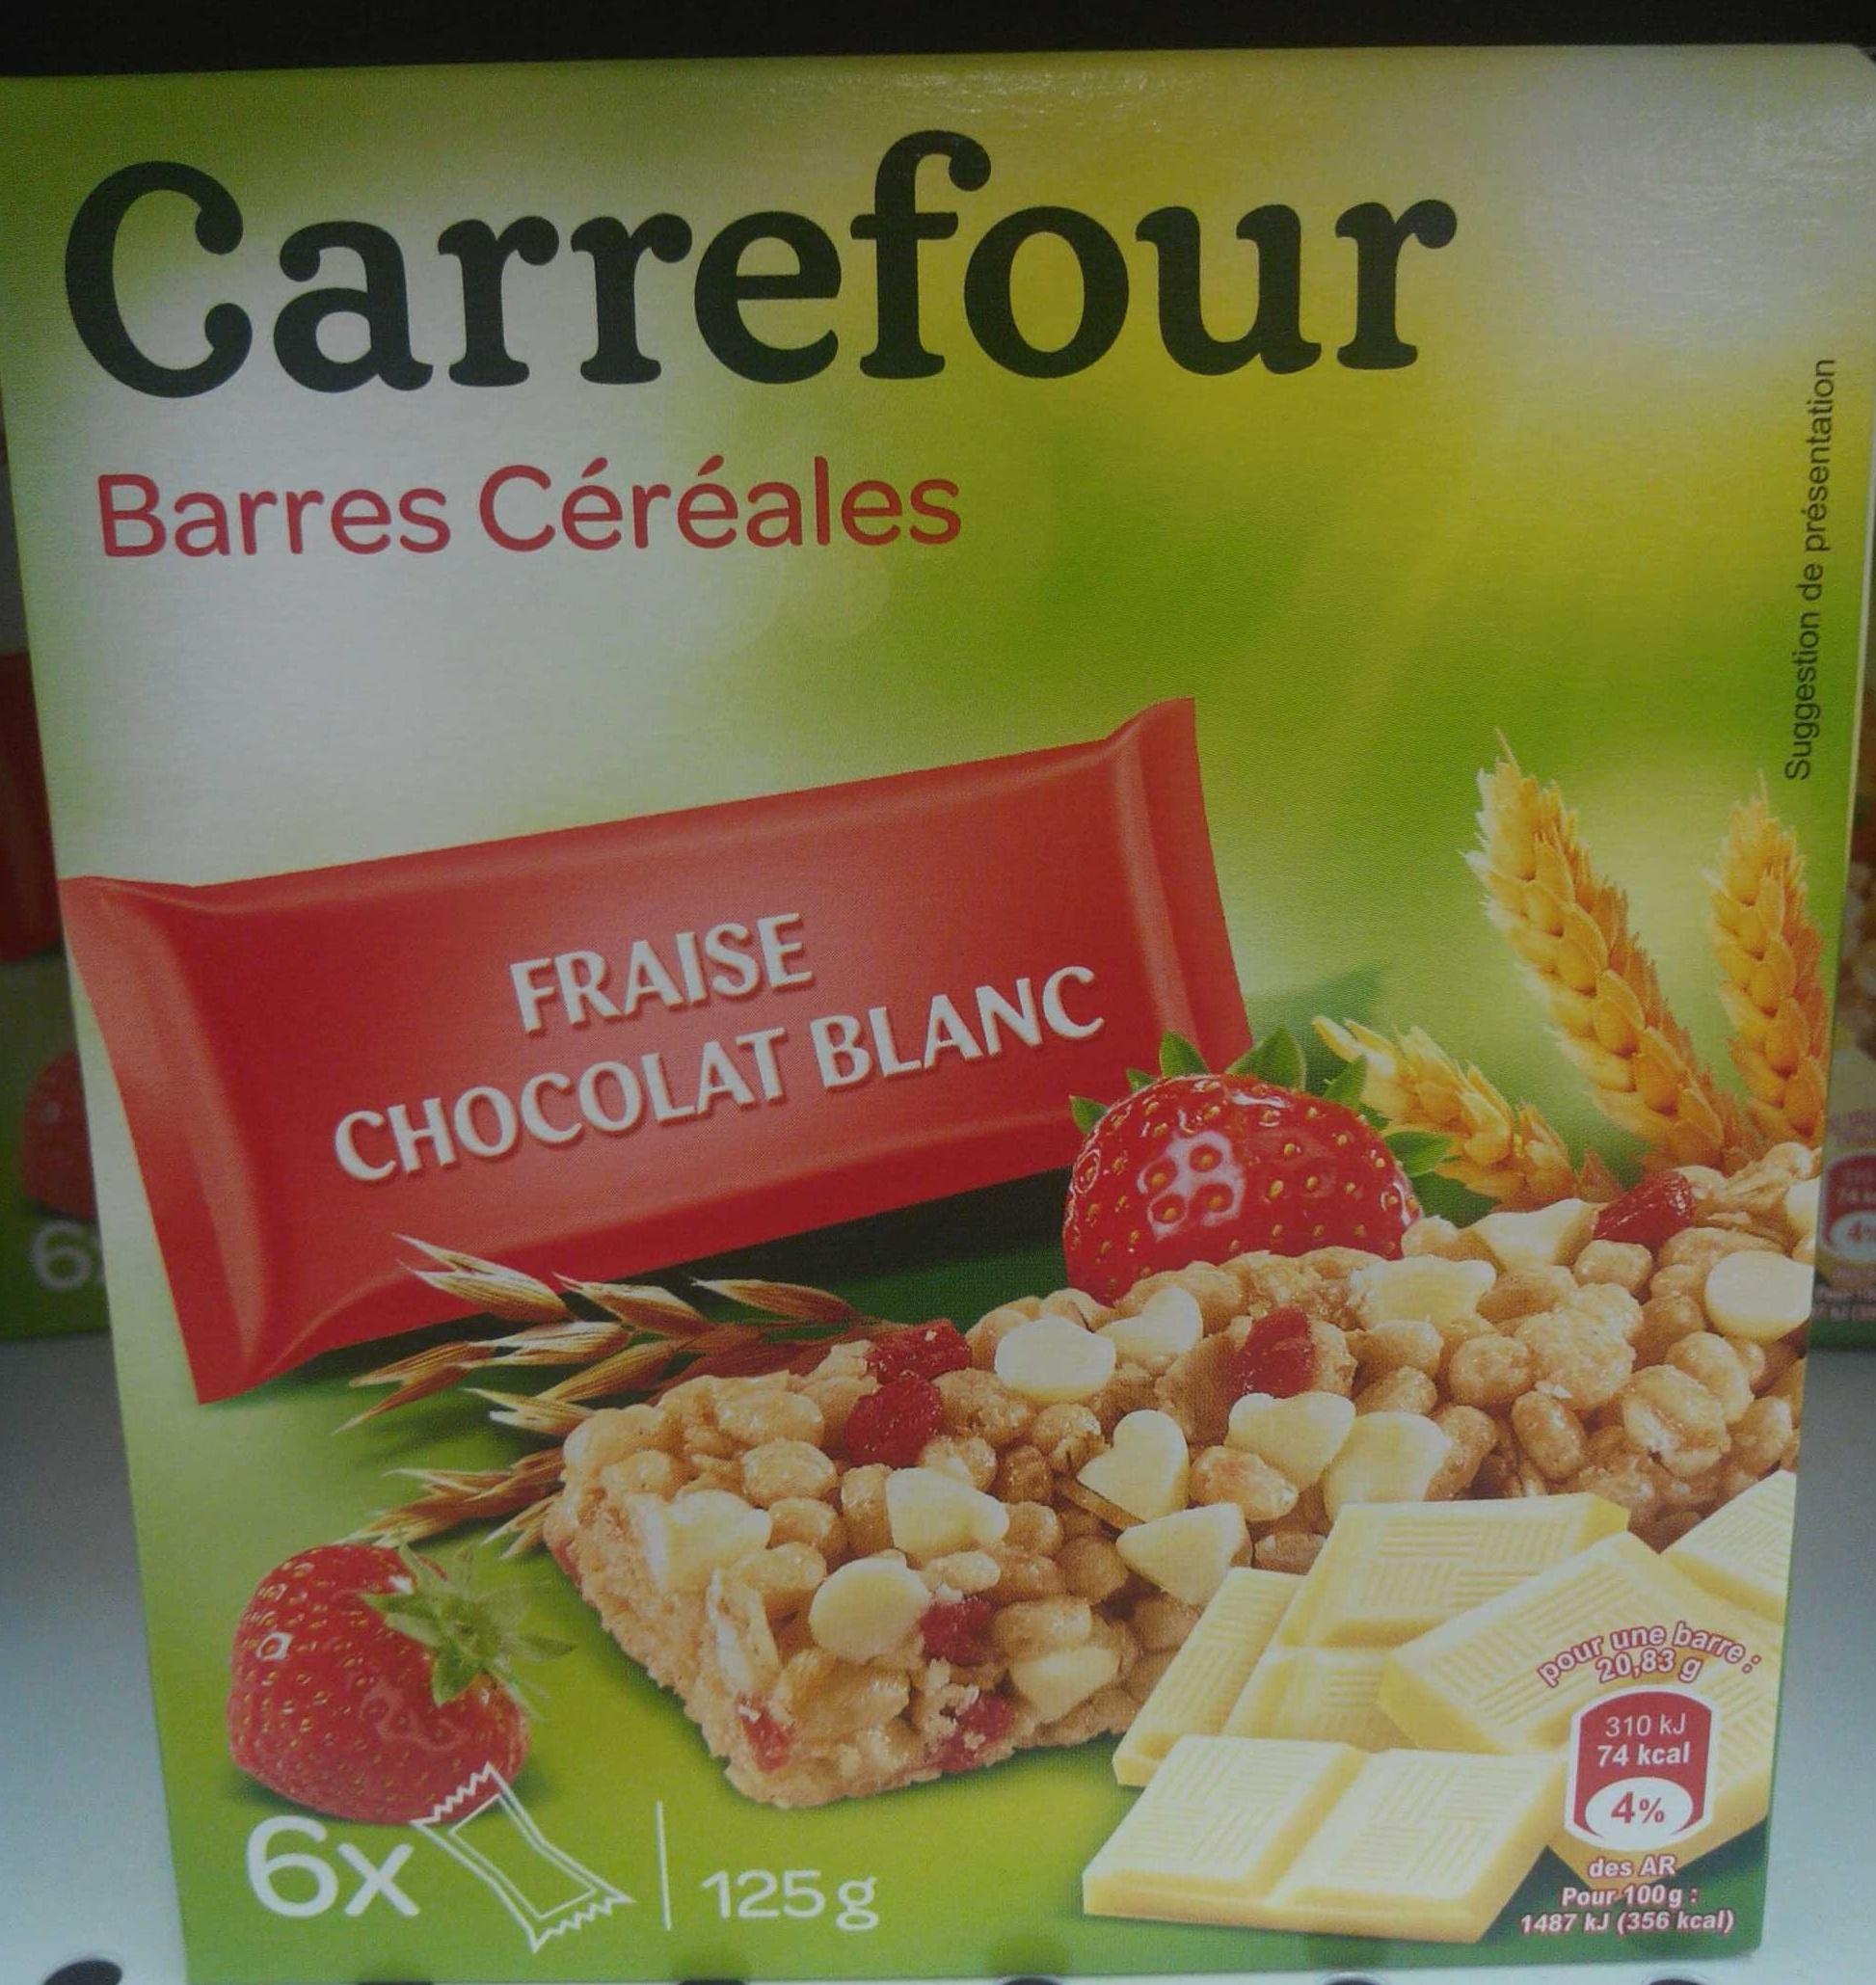 Barres céréales fraise chocolat blanc - Produit - fr